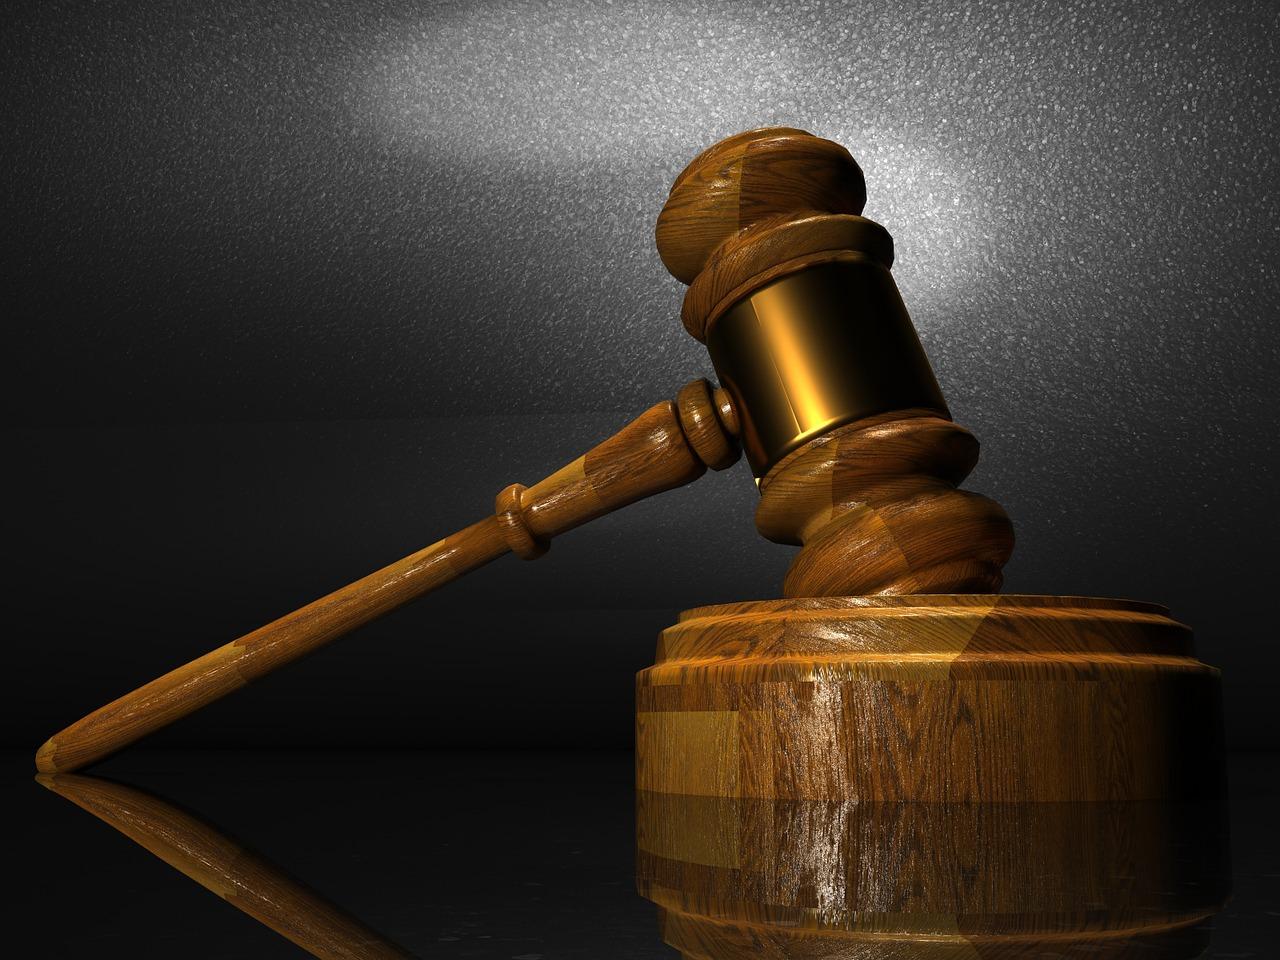 law-1063249_1280_1488471928541.jpg